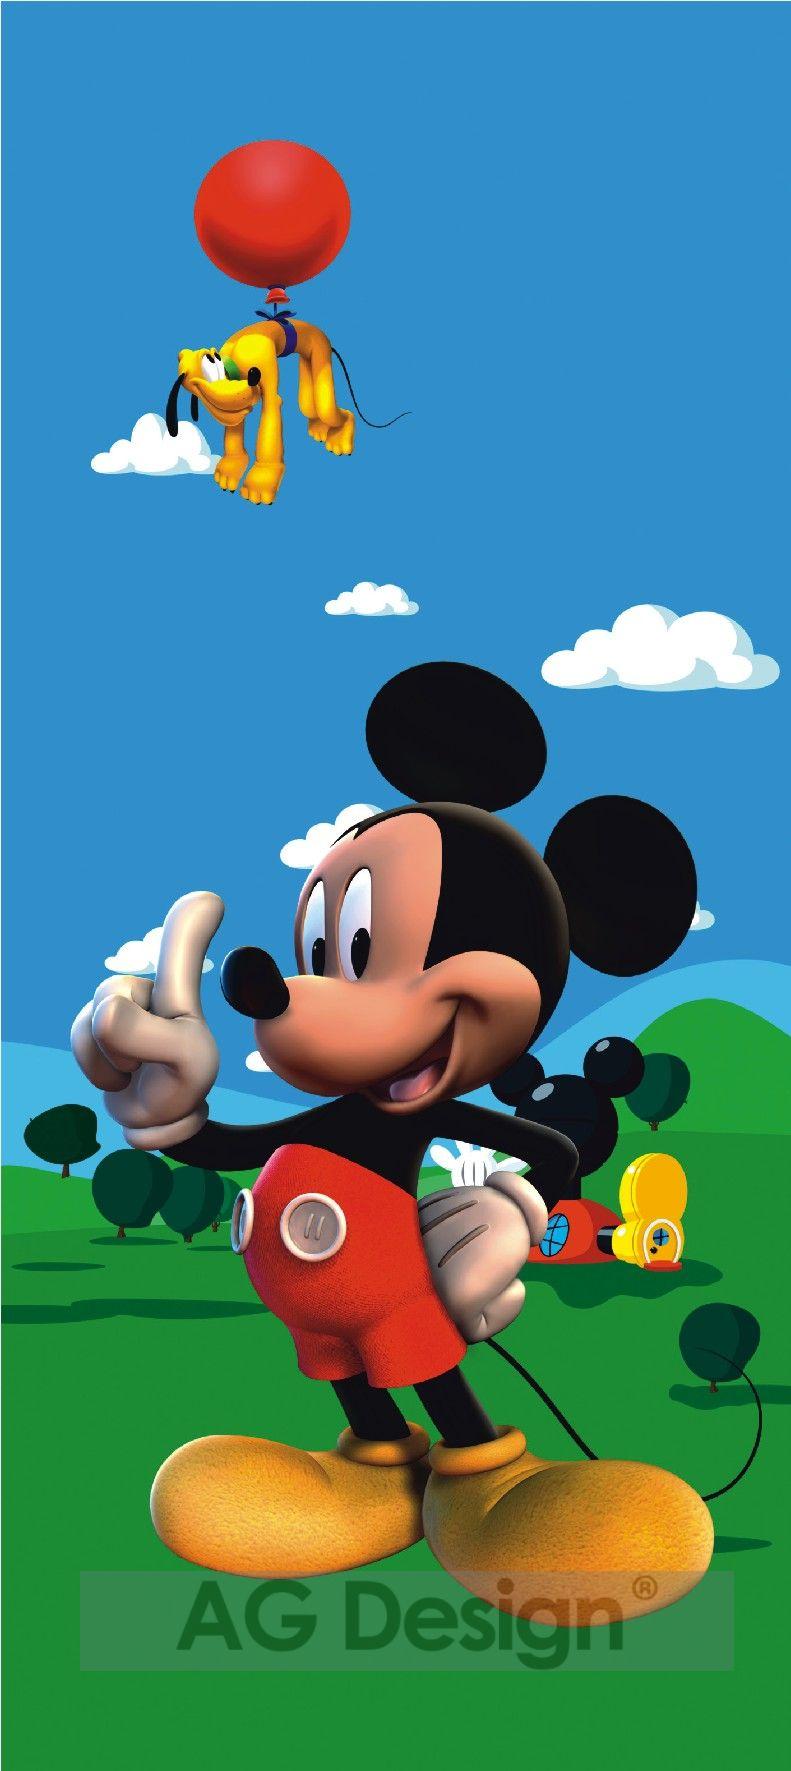 Fototapeta Mickey Mouse 0237 (1-dílná papírová tapeta)